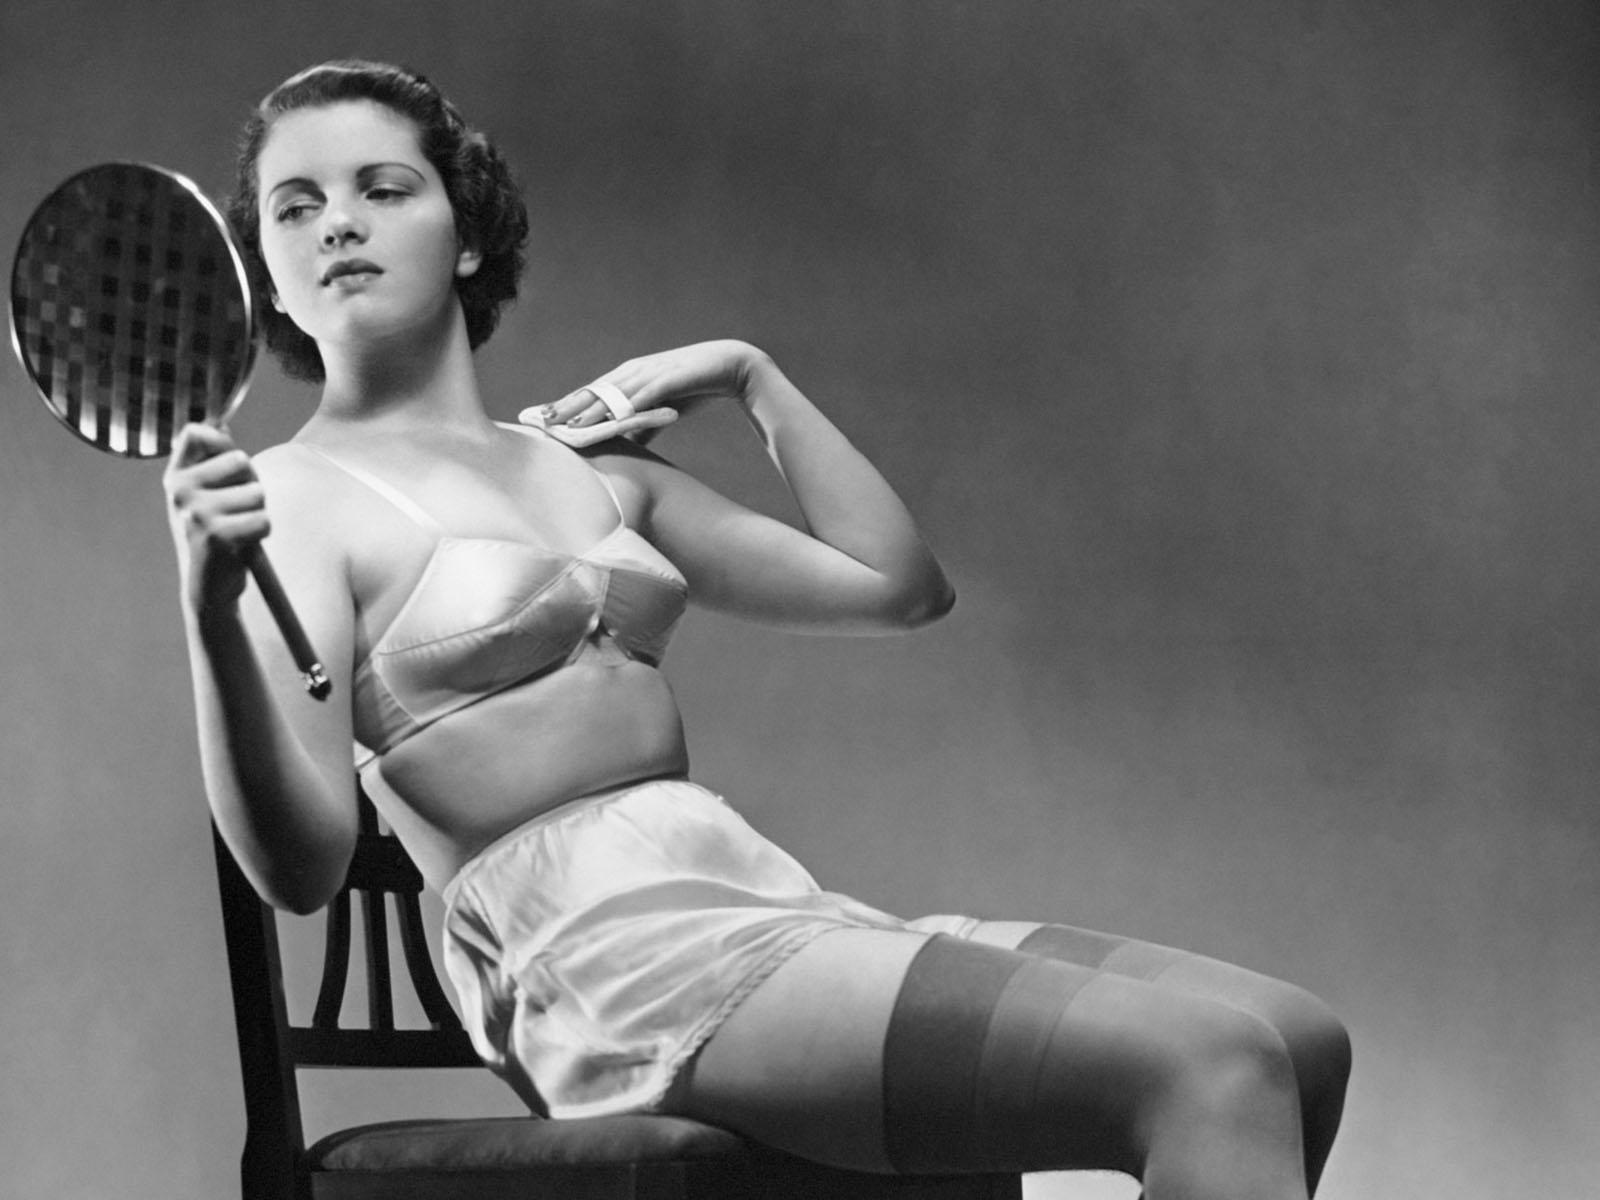 Фото ретро женщин без одежды 16 фотография